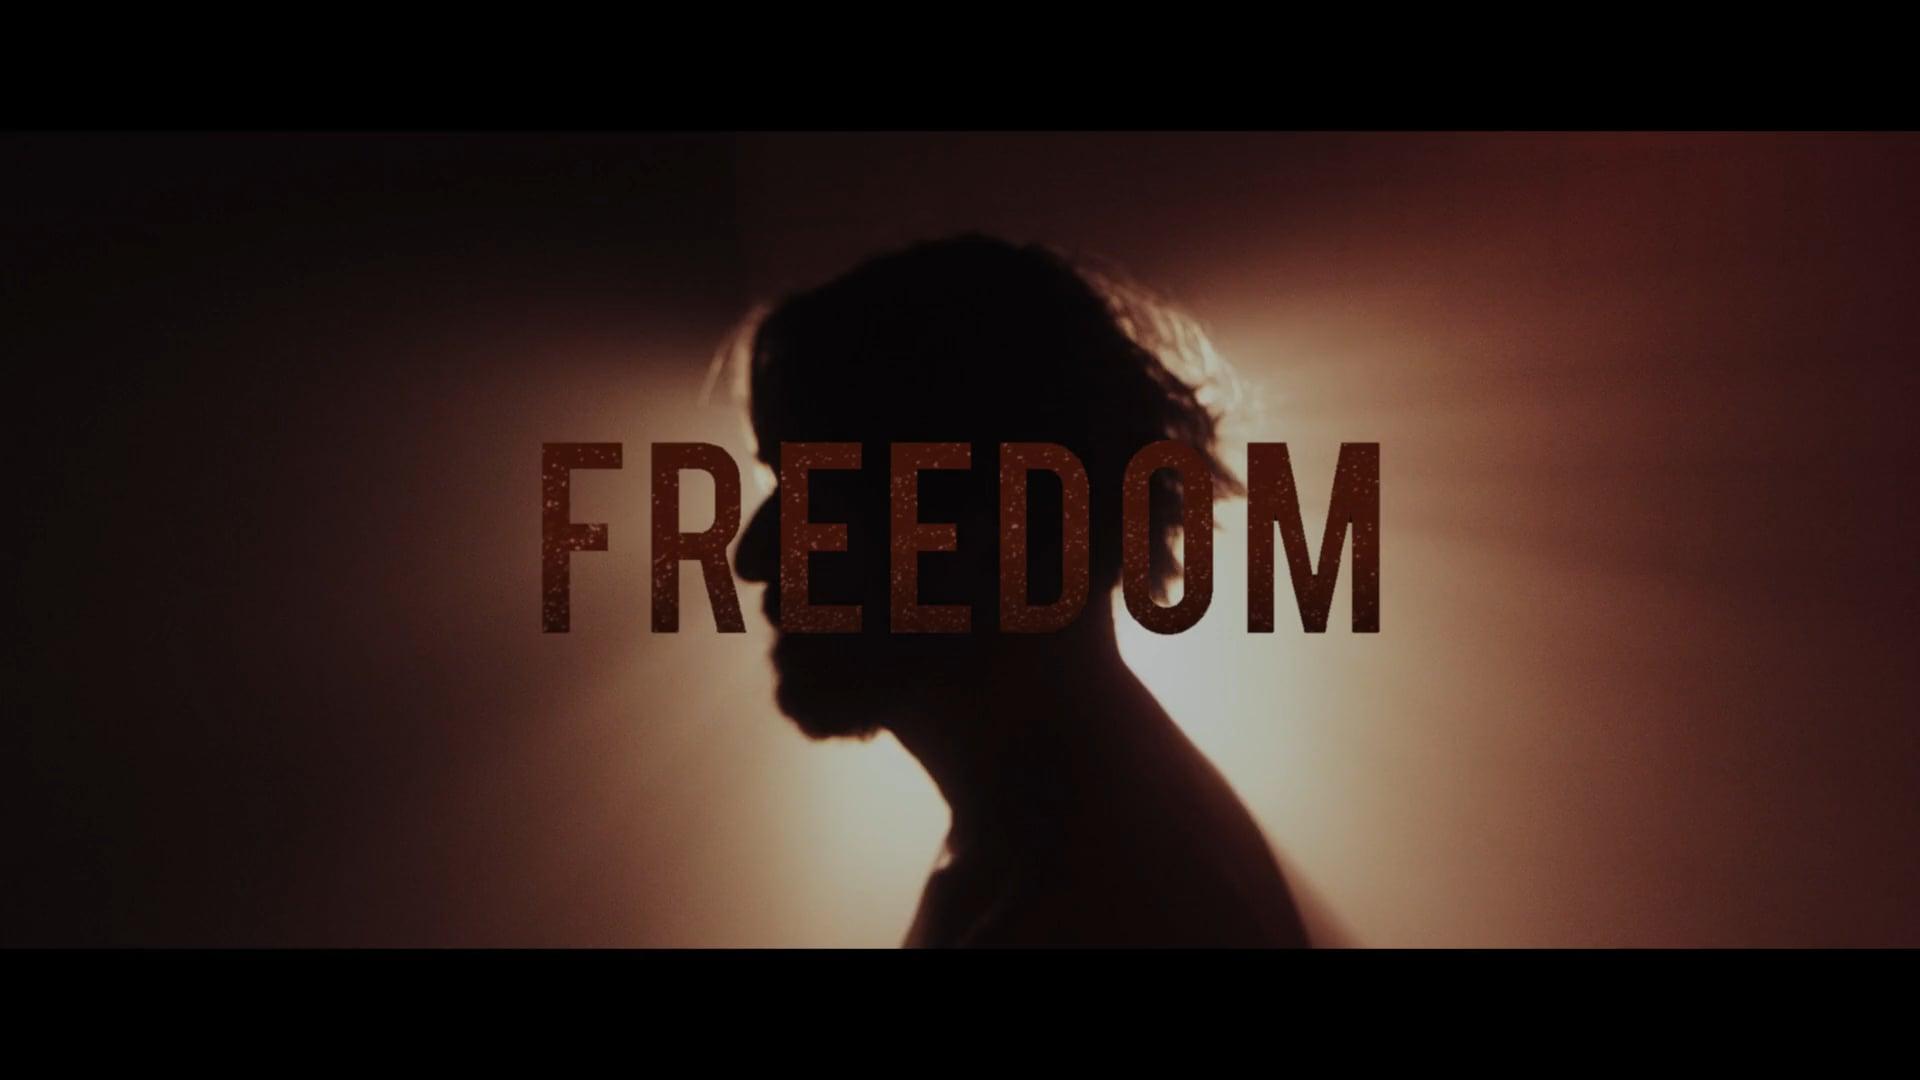 Trailer - FREEDOM